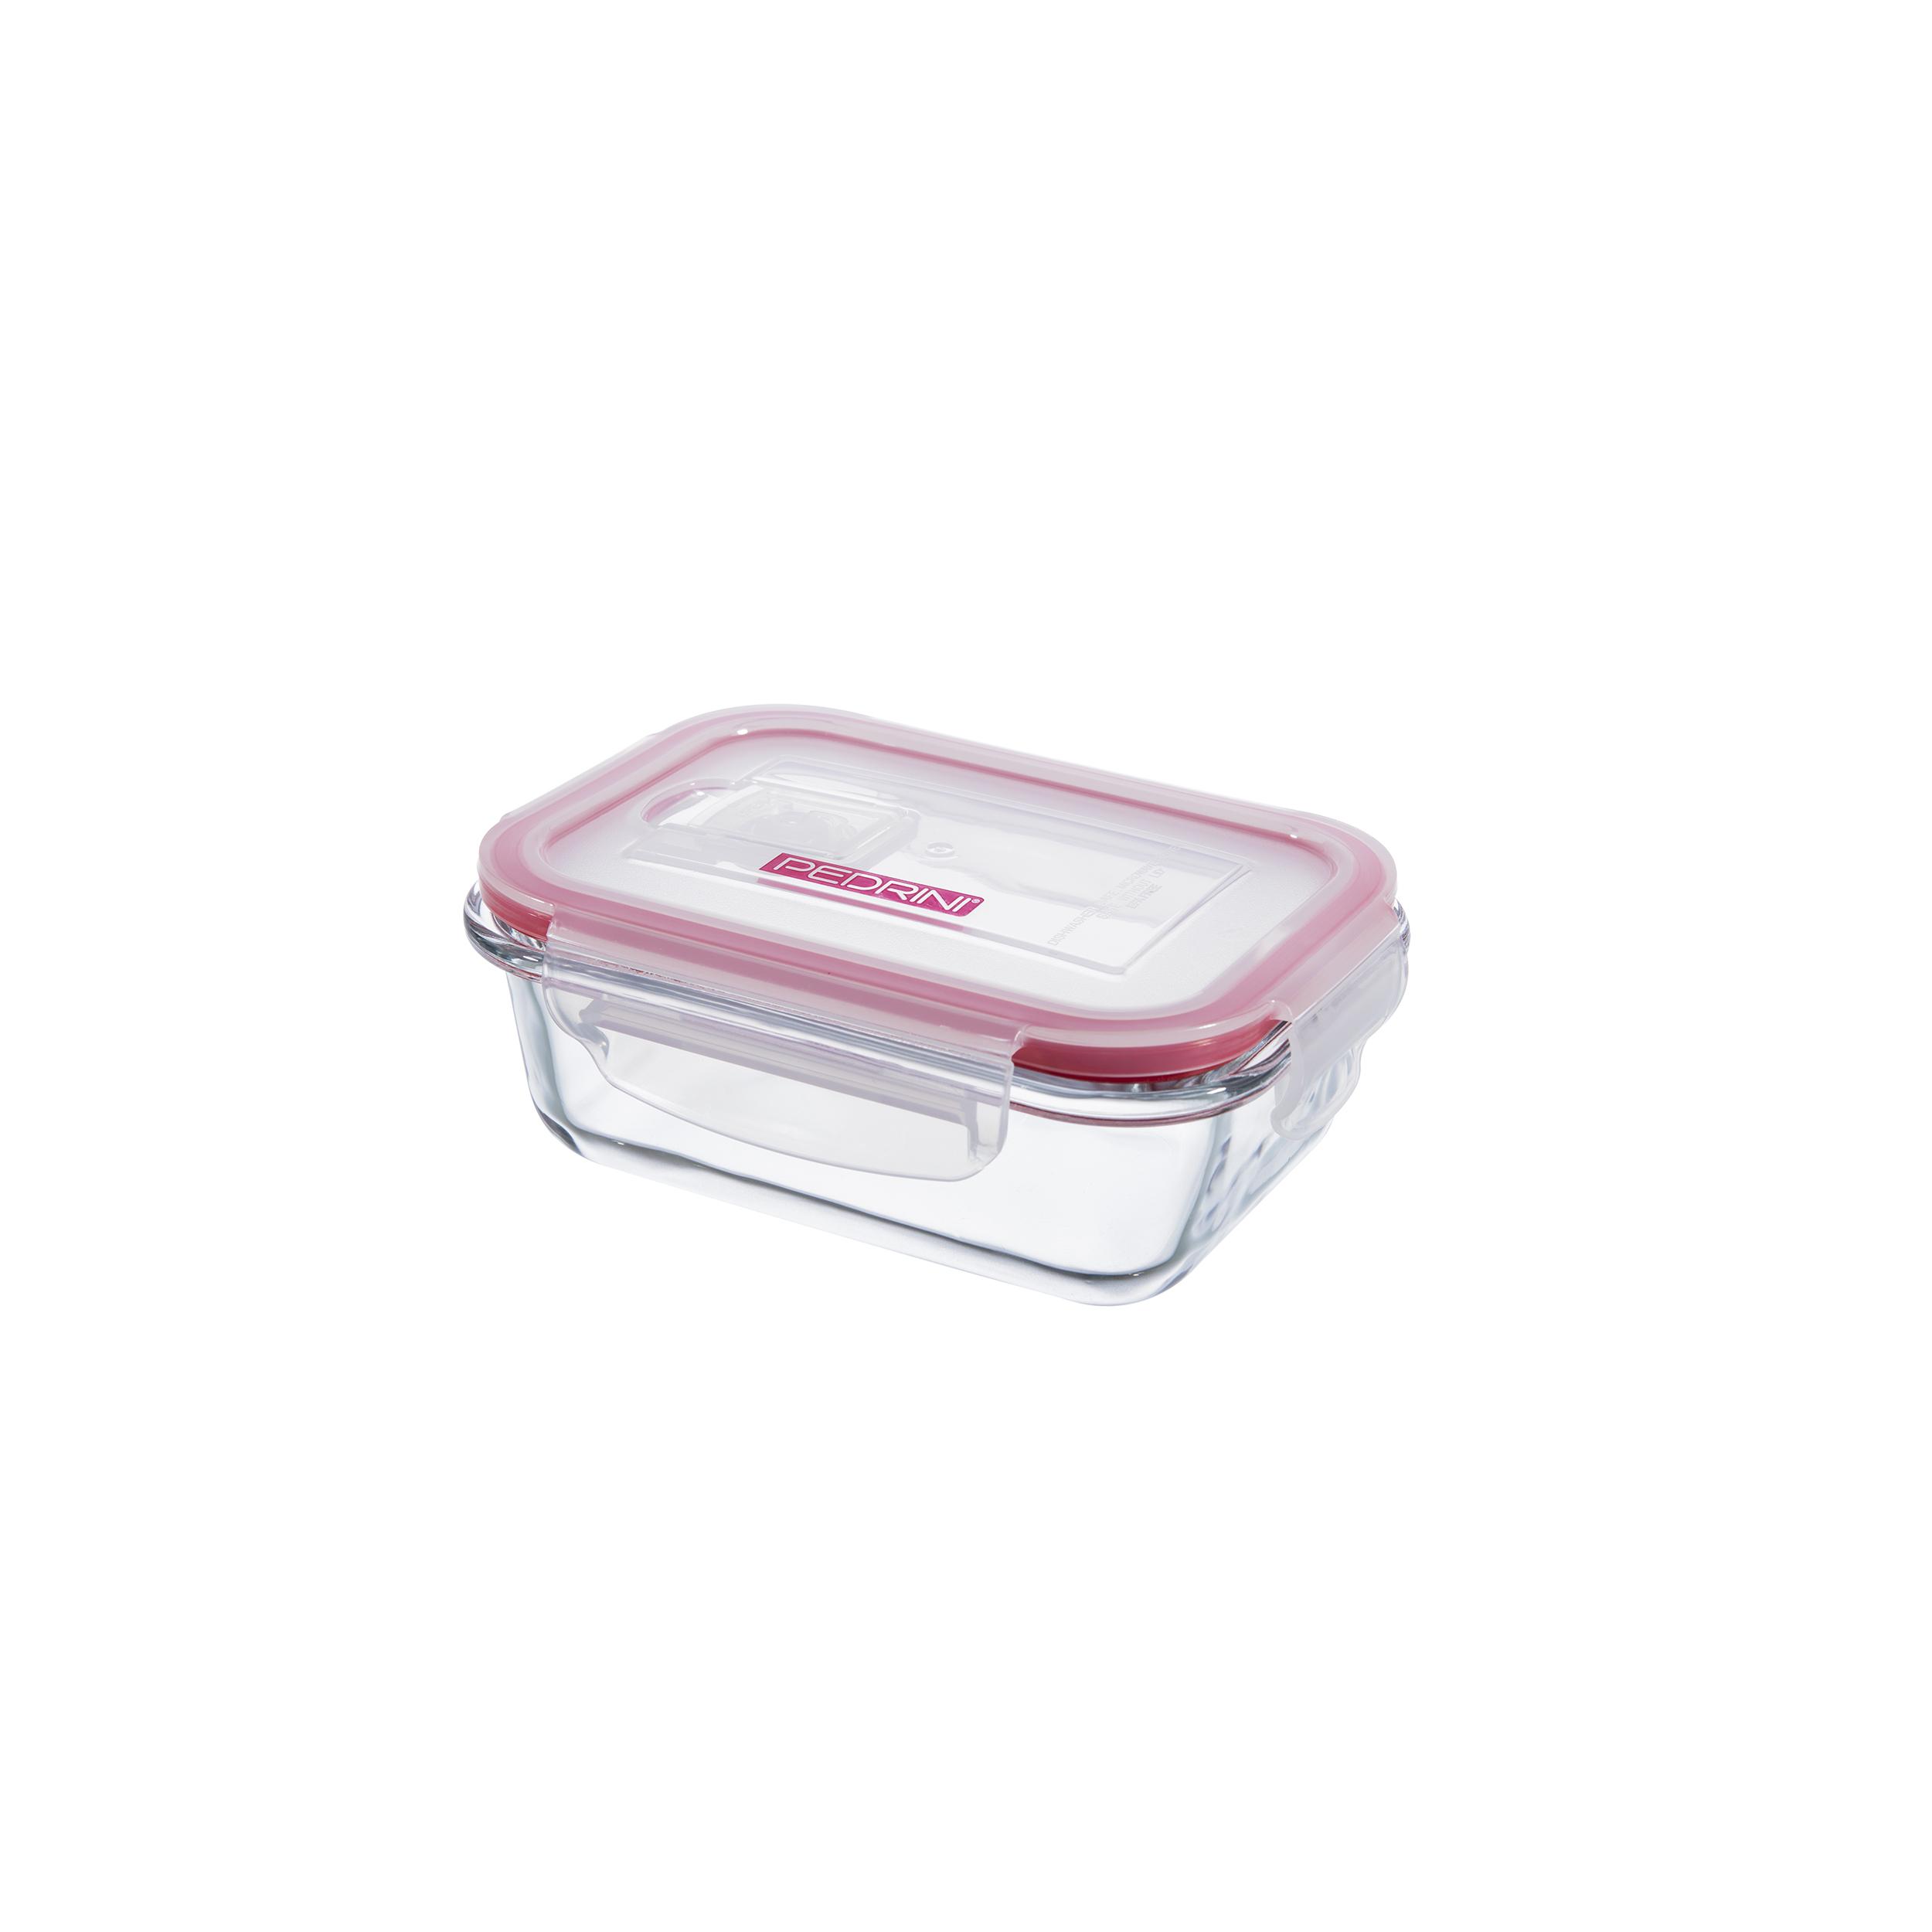 04GD224-contenitore-vetro-frigo-ermetico-pedrini